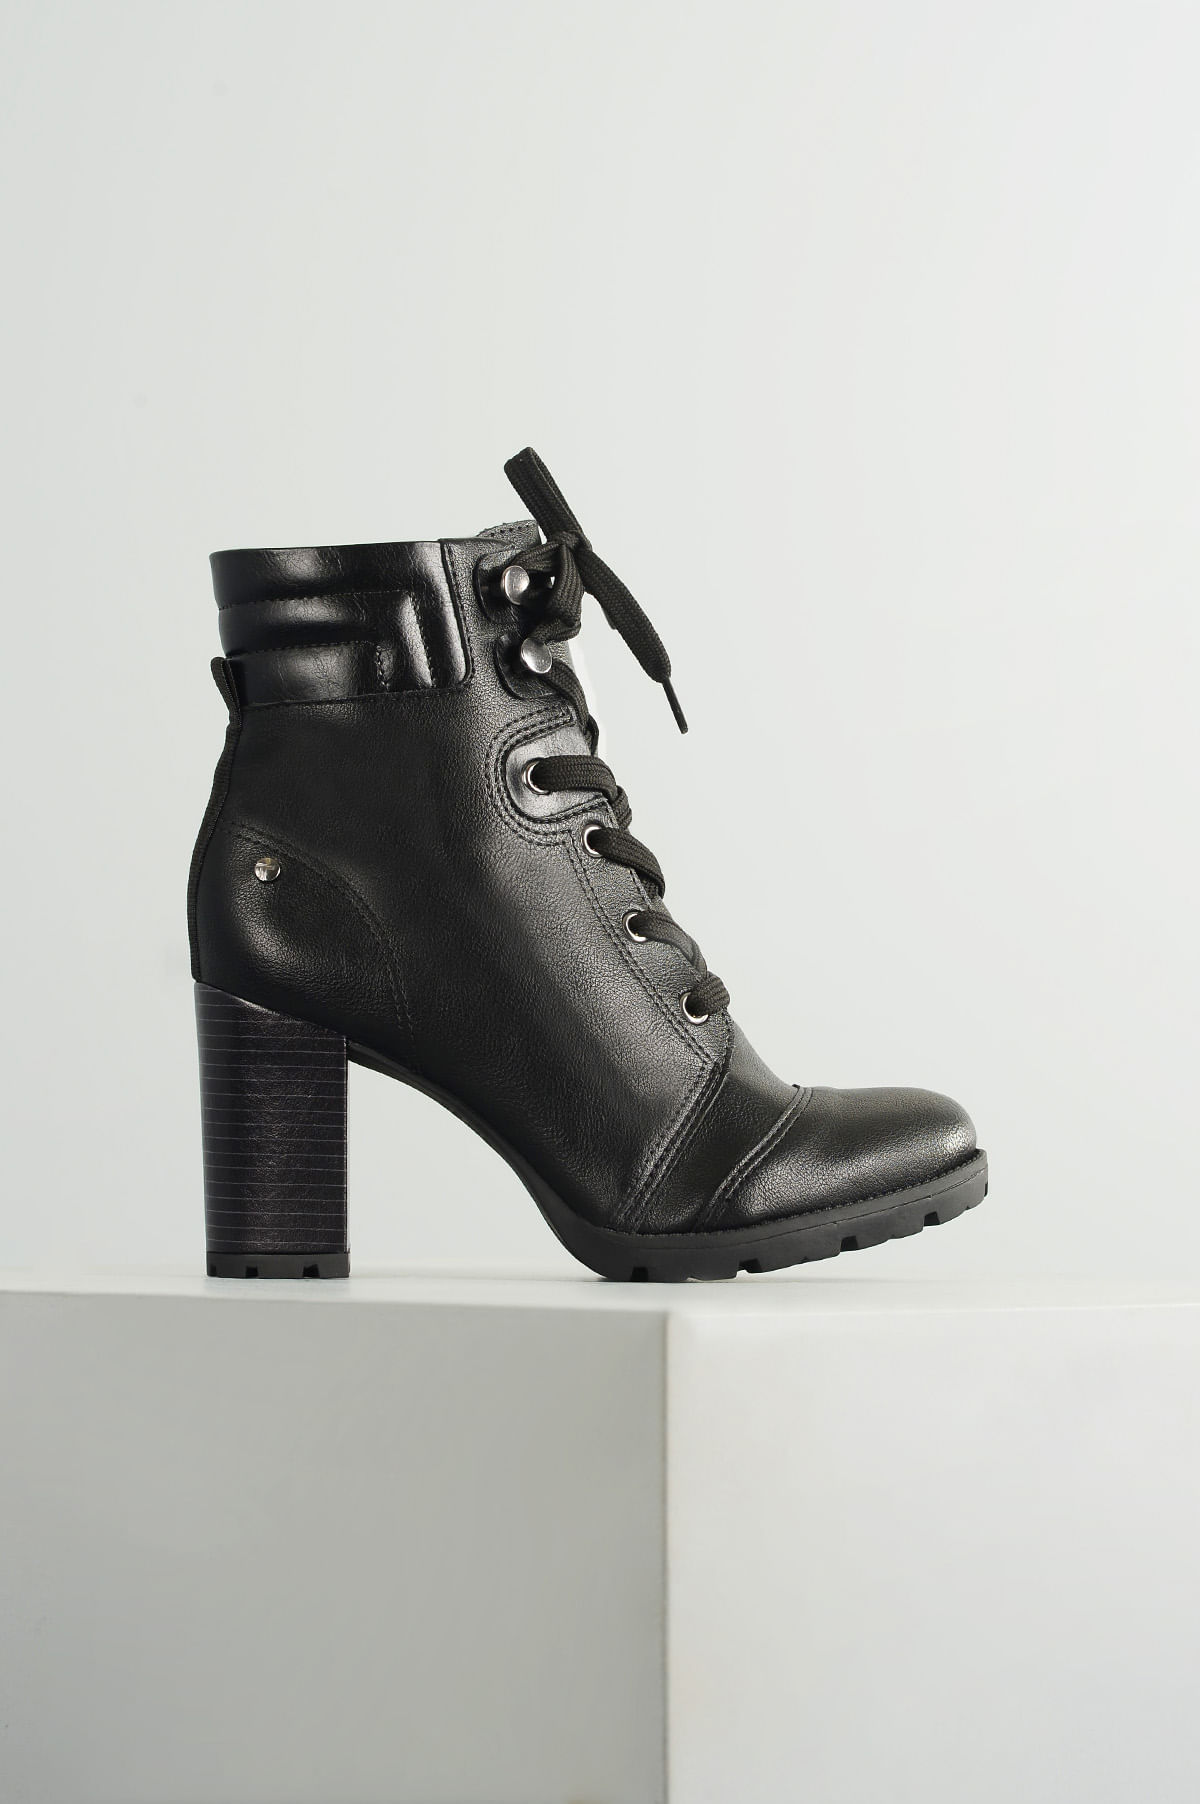 1052681a1 Bota Feminina Coturno Smay Tanara SINT - PRETO - Mundial Calçados